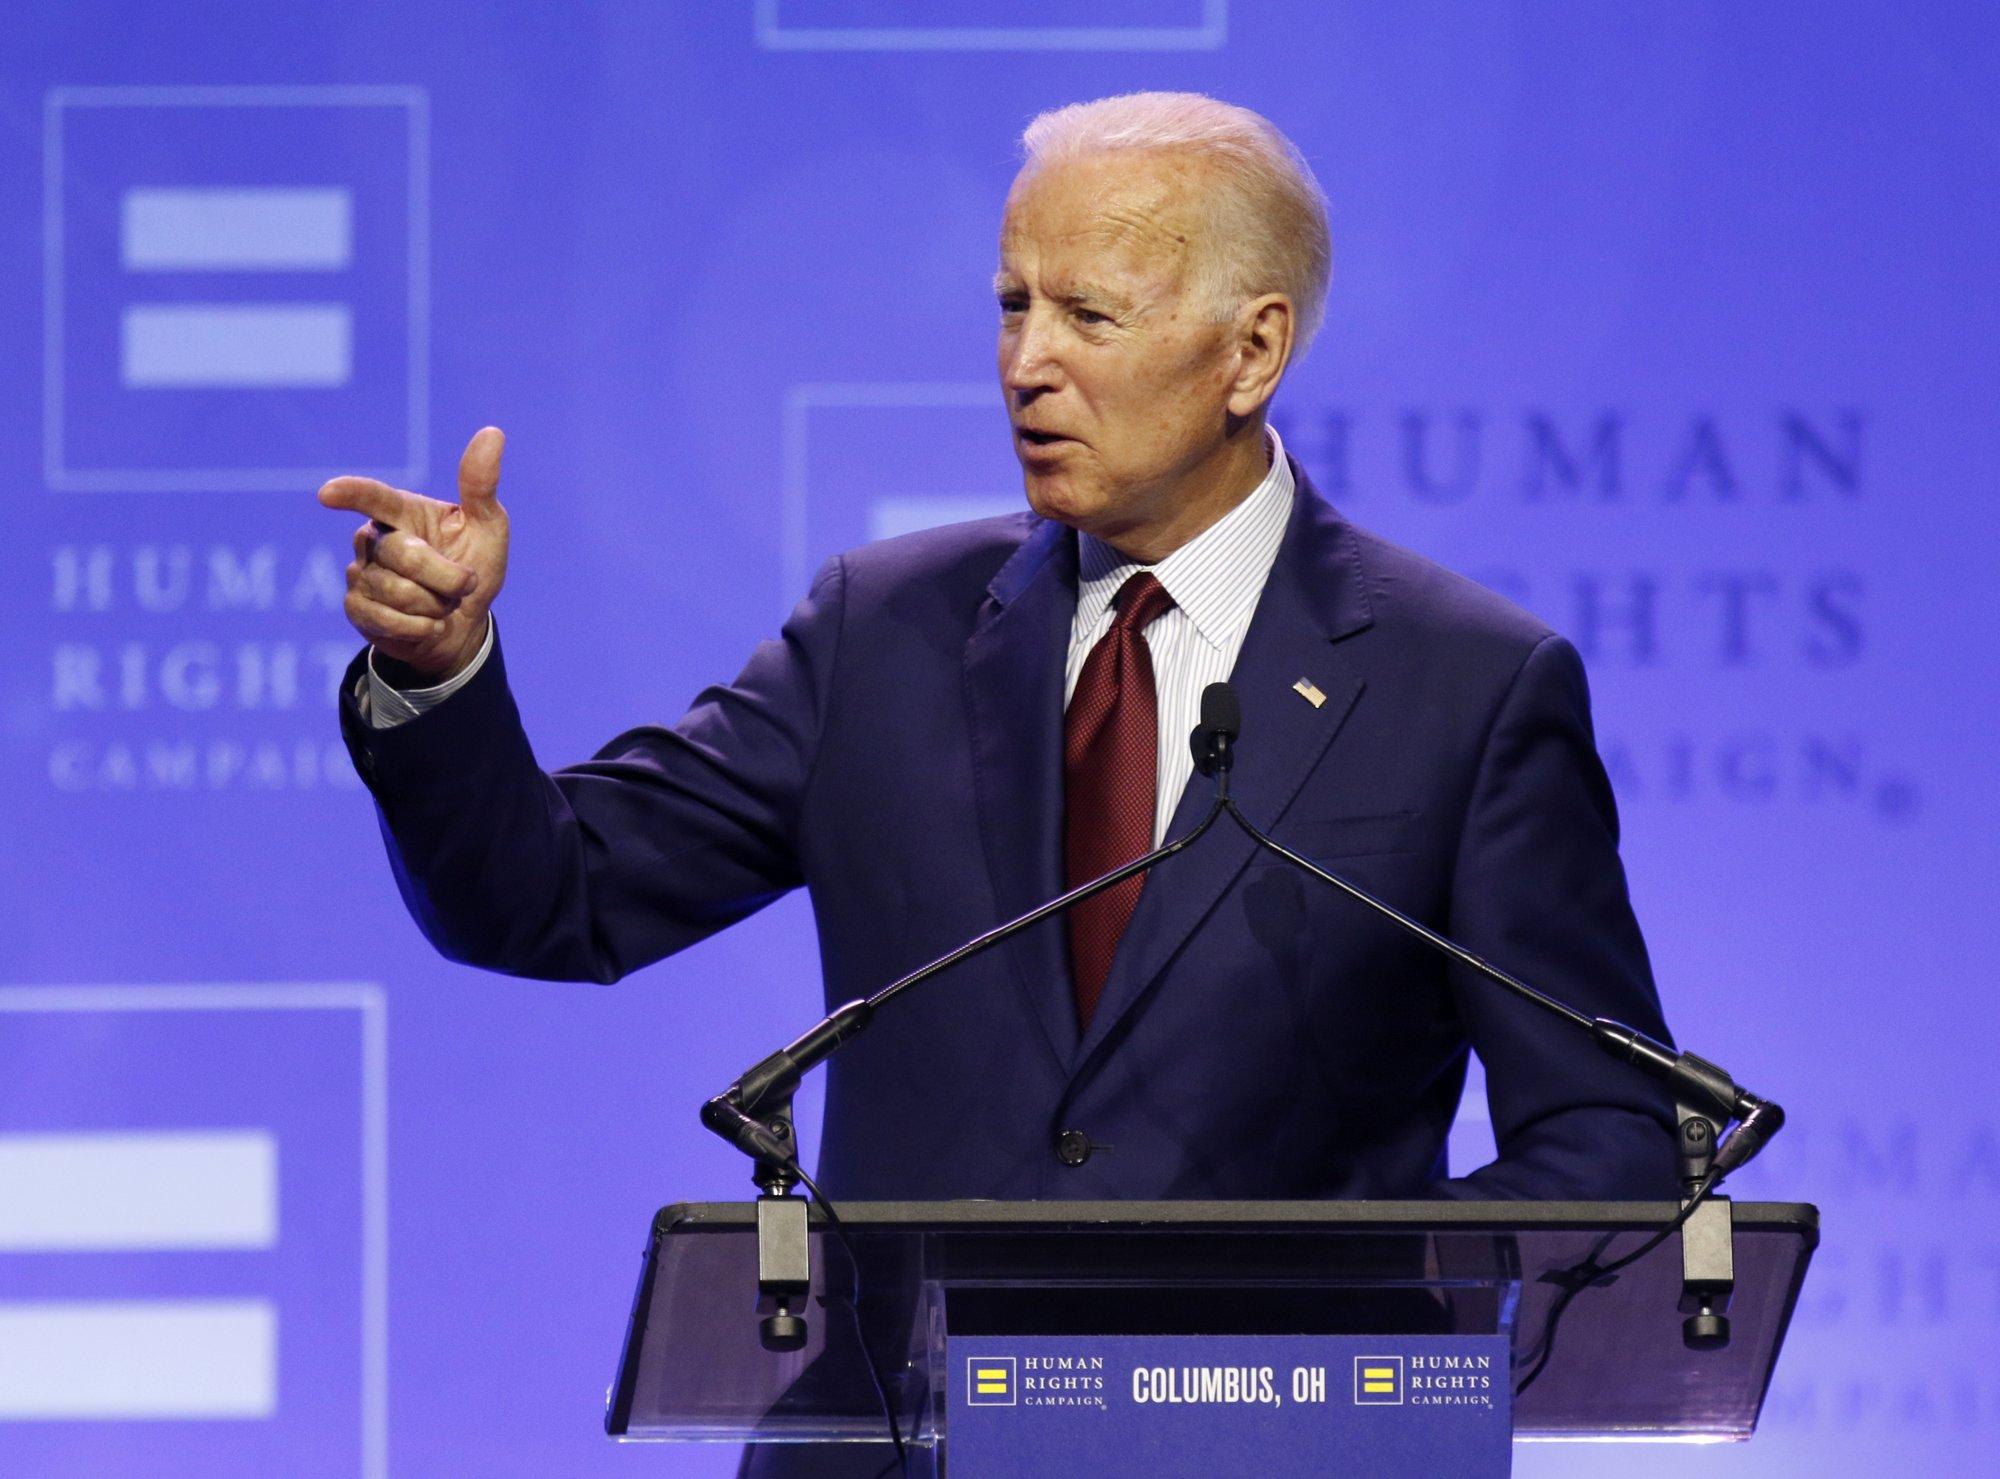 Joe Biden's $5T climate plan: Net zero emissions by 2050